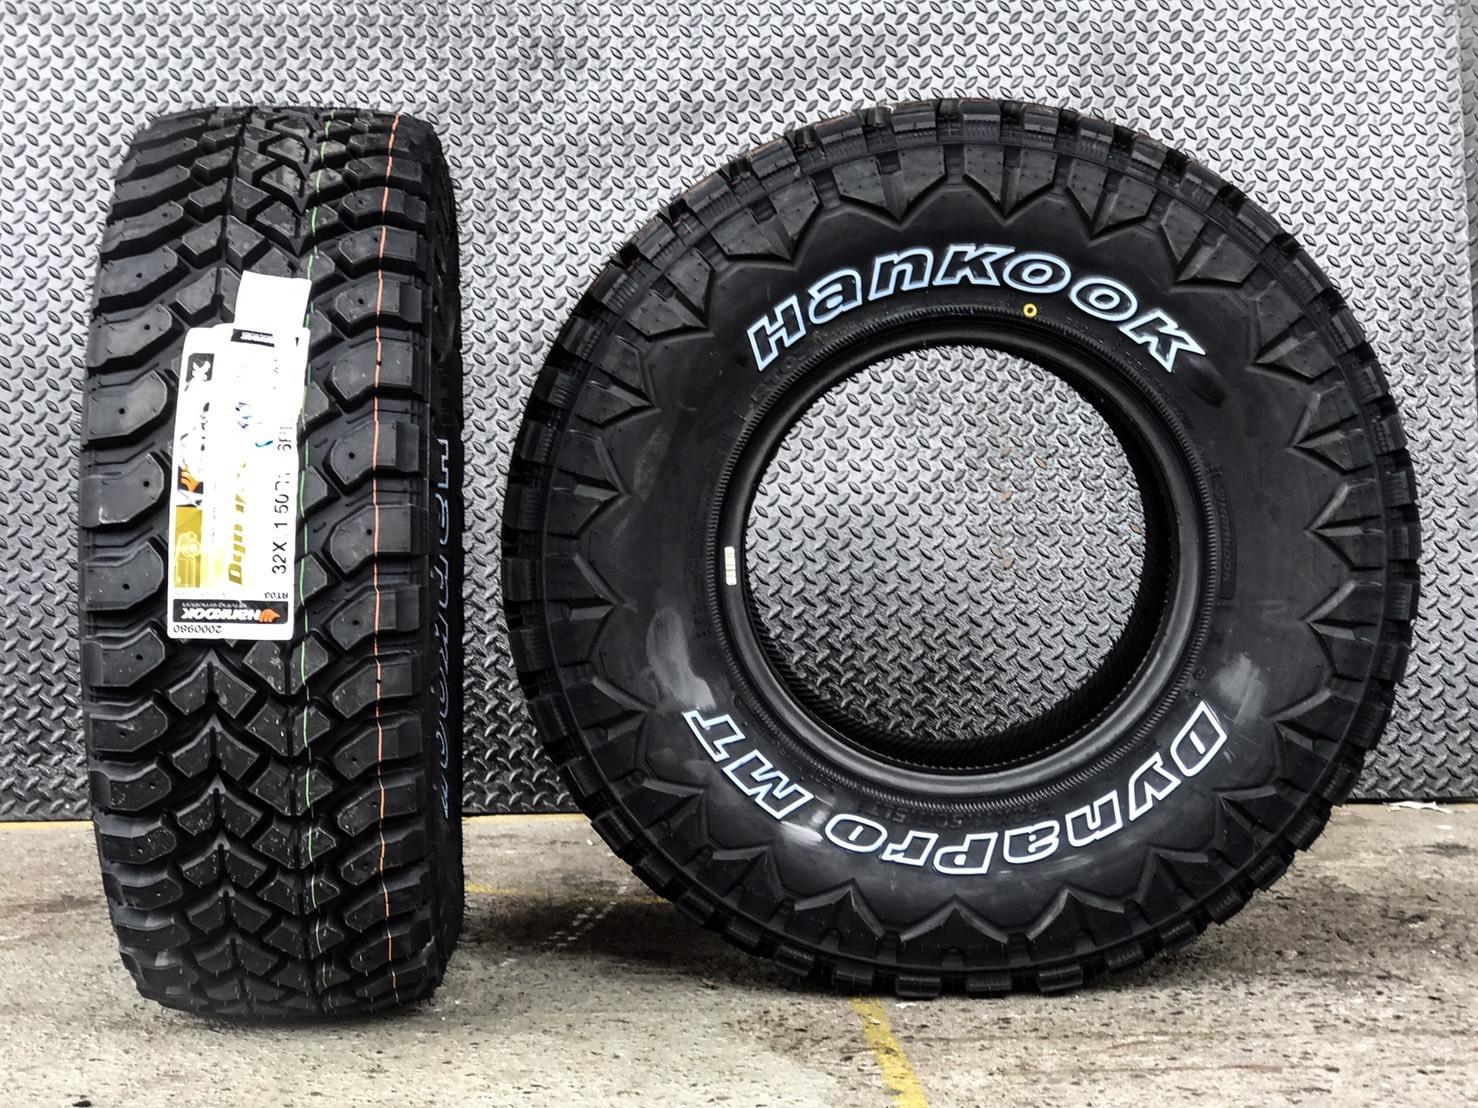 Season Radial Tire-30X9.5R15 104Q Cooper Discoverer STT Pro All